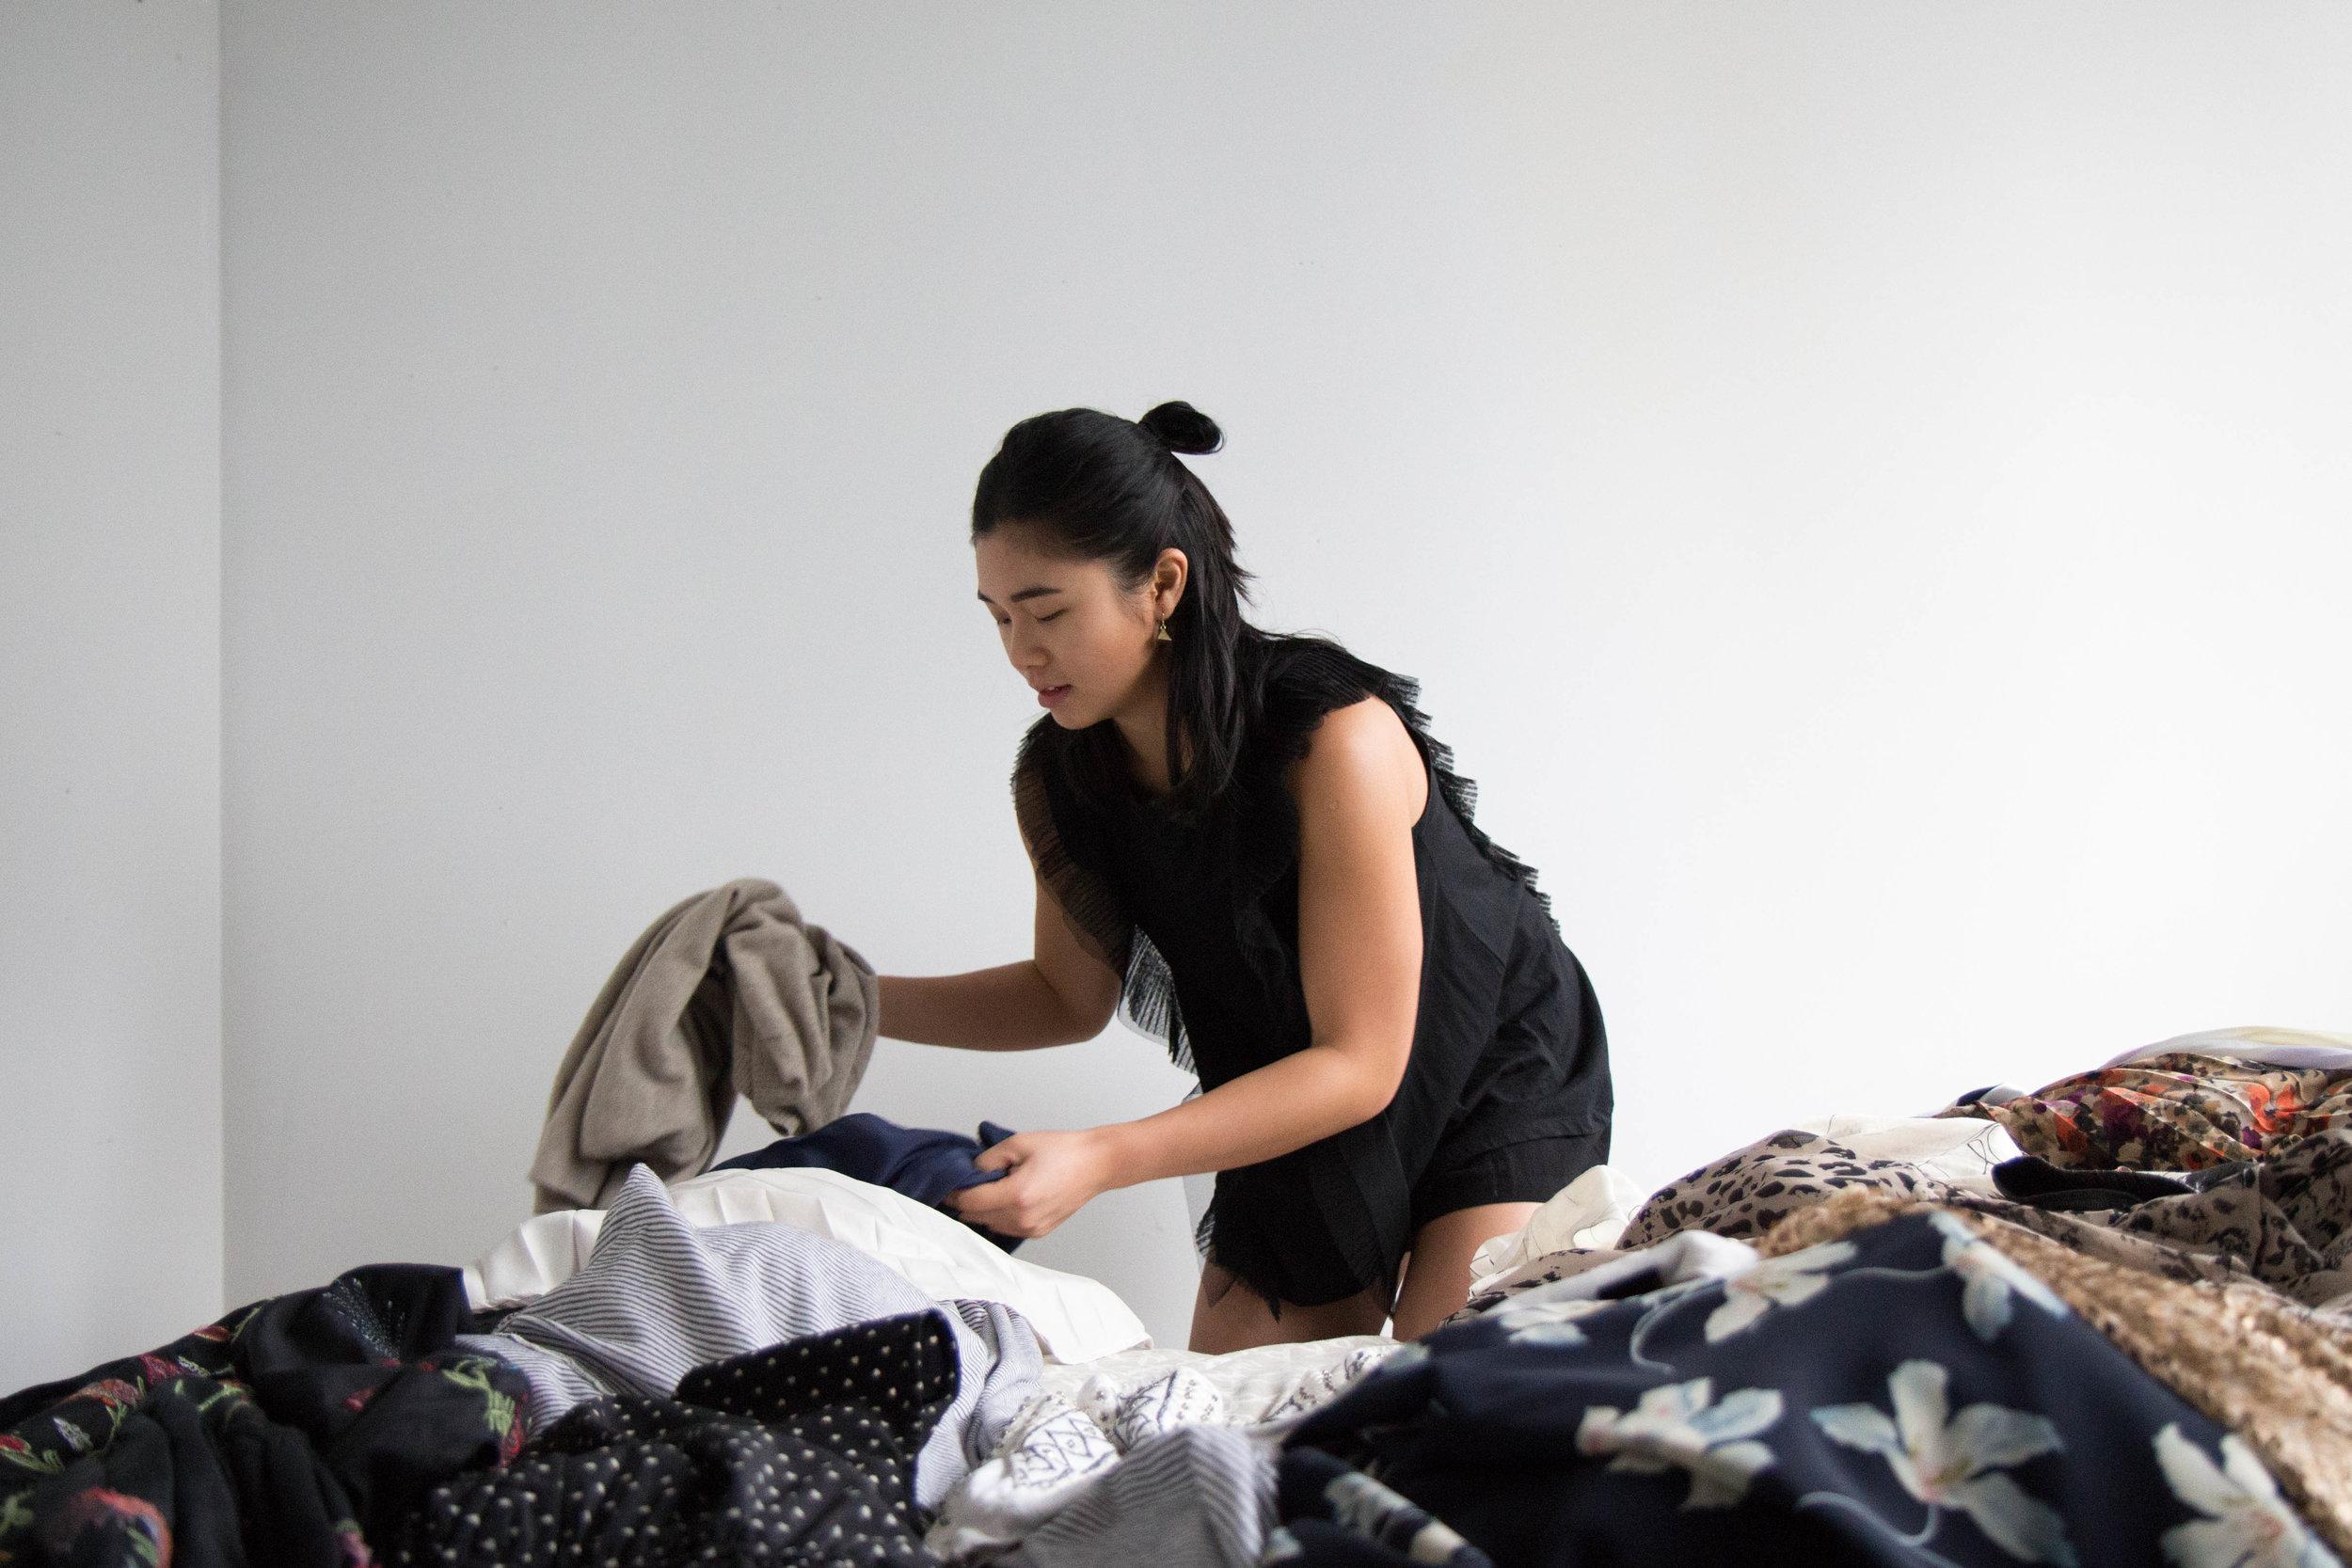 Lennie_Clothes-1.jpg